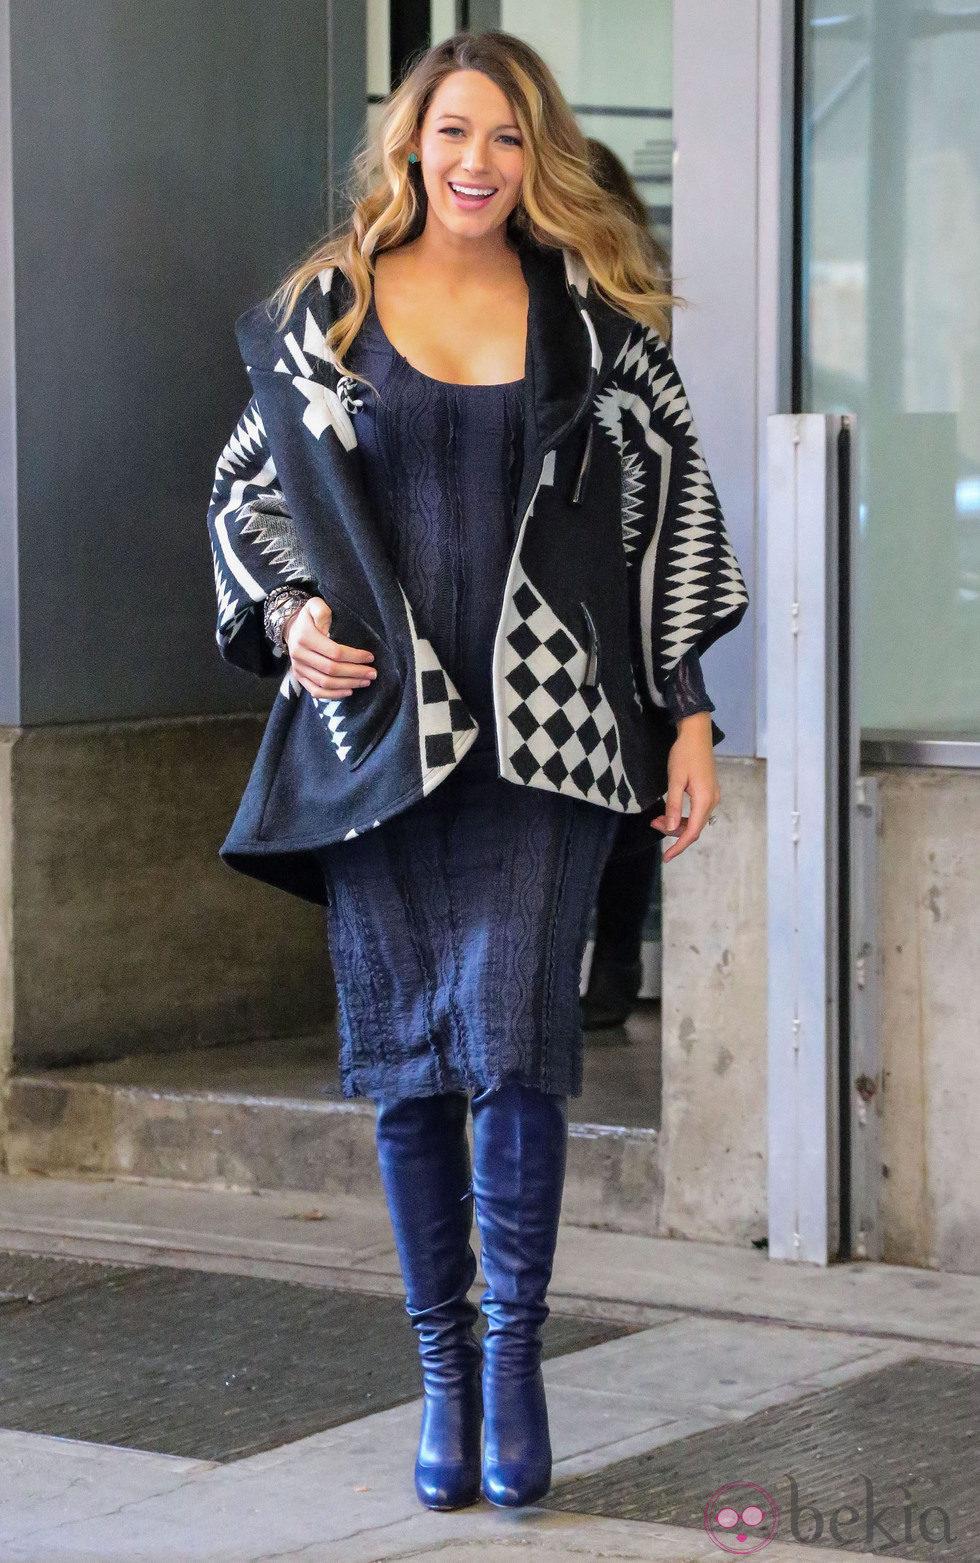 Blake Lively, una embarazada sonriente en Nueva York